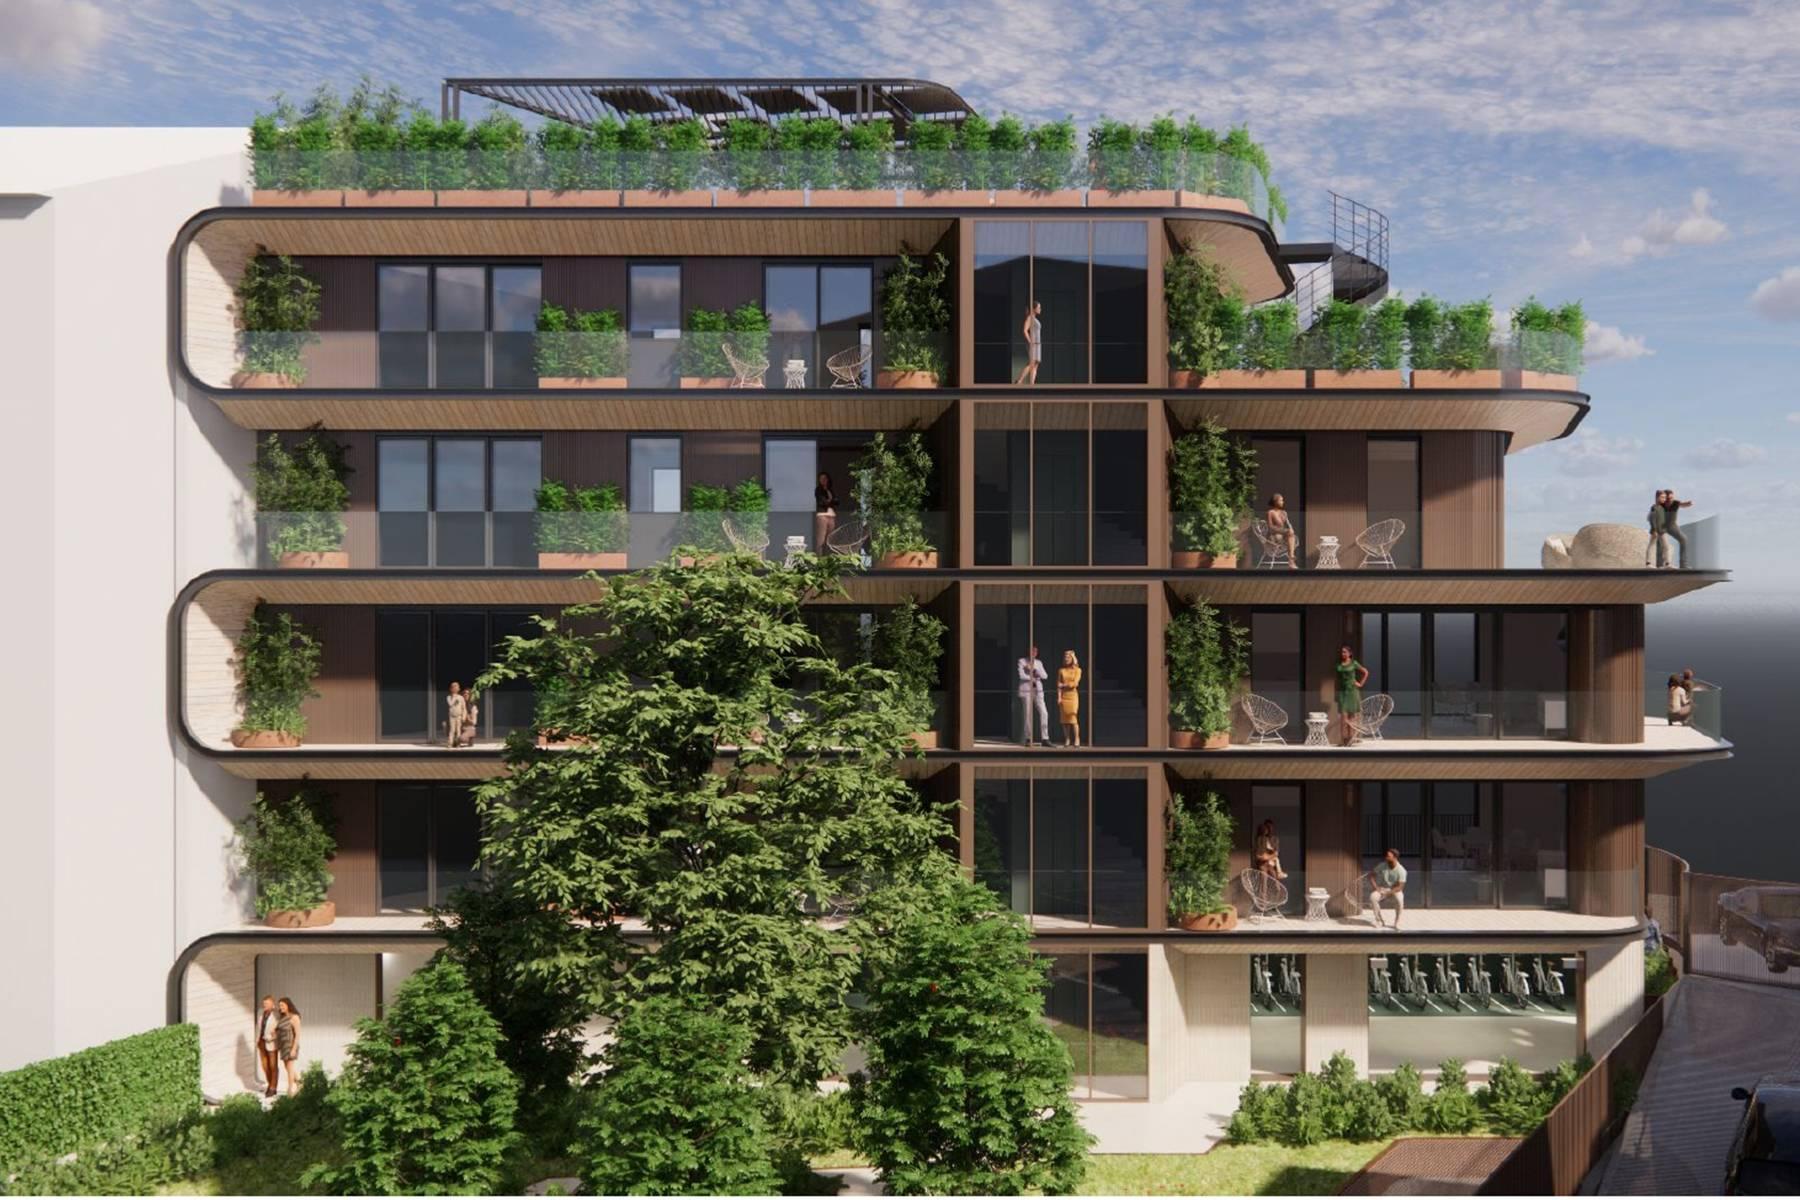 Herrliche Wohnung in einem neuen Gebäude, nur wenige Schritte vom historischen Zentrum Veronas entfernt - 7